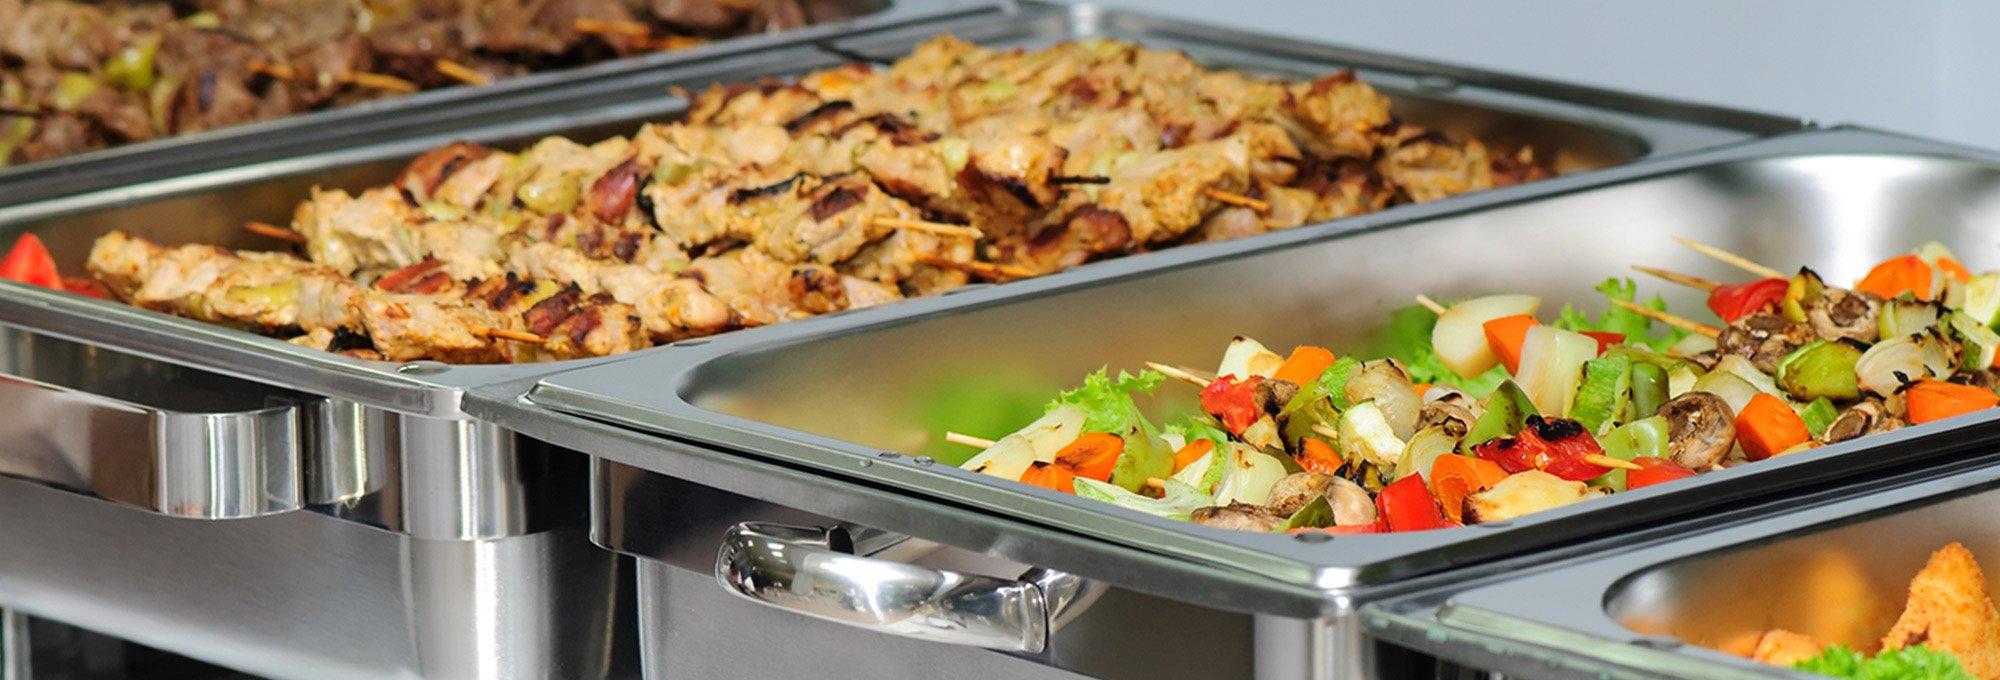 Zlecenia Na Catering Dietetyczny 2019